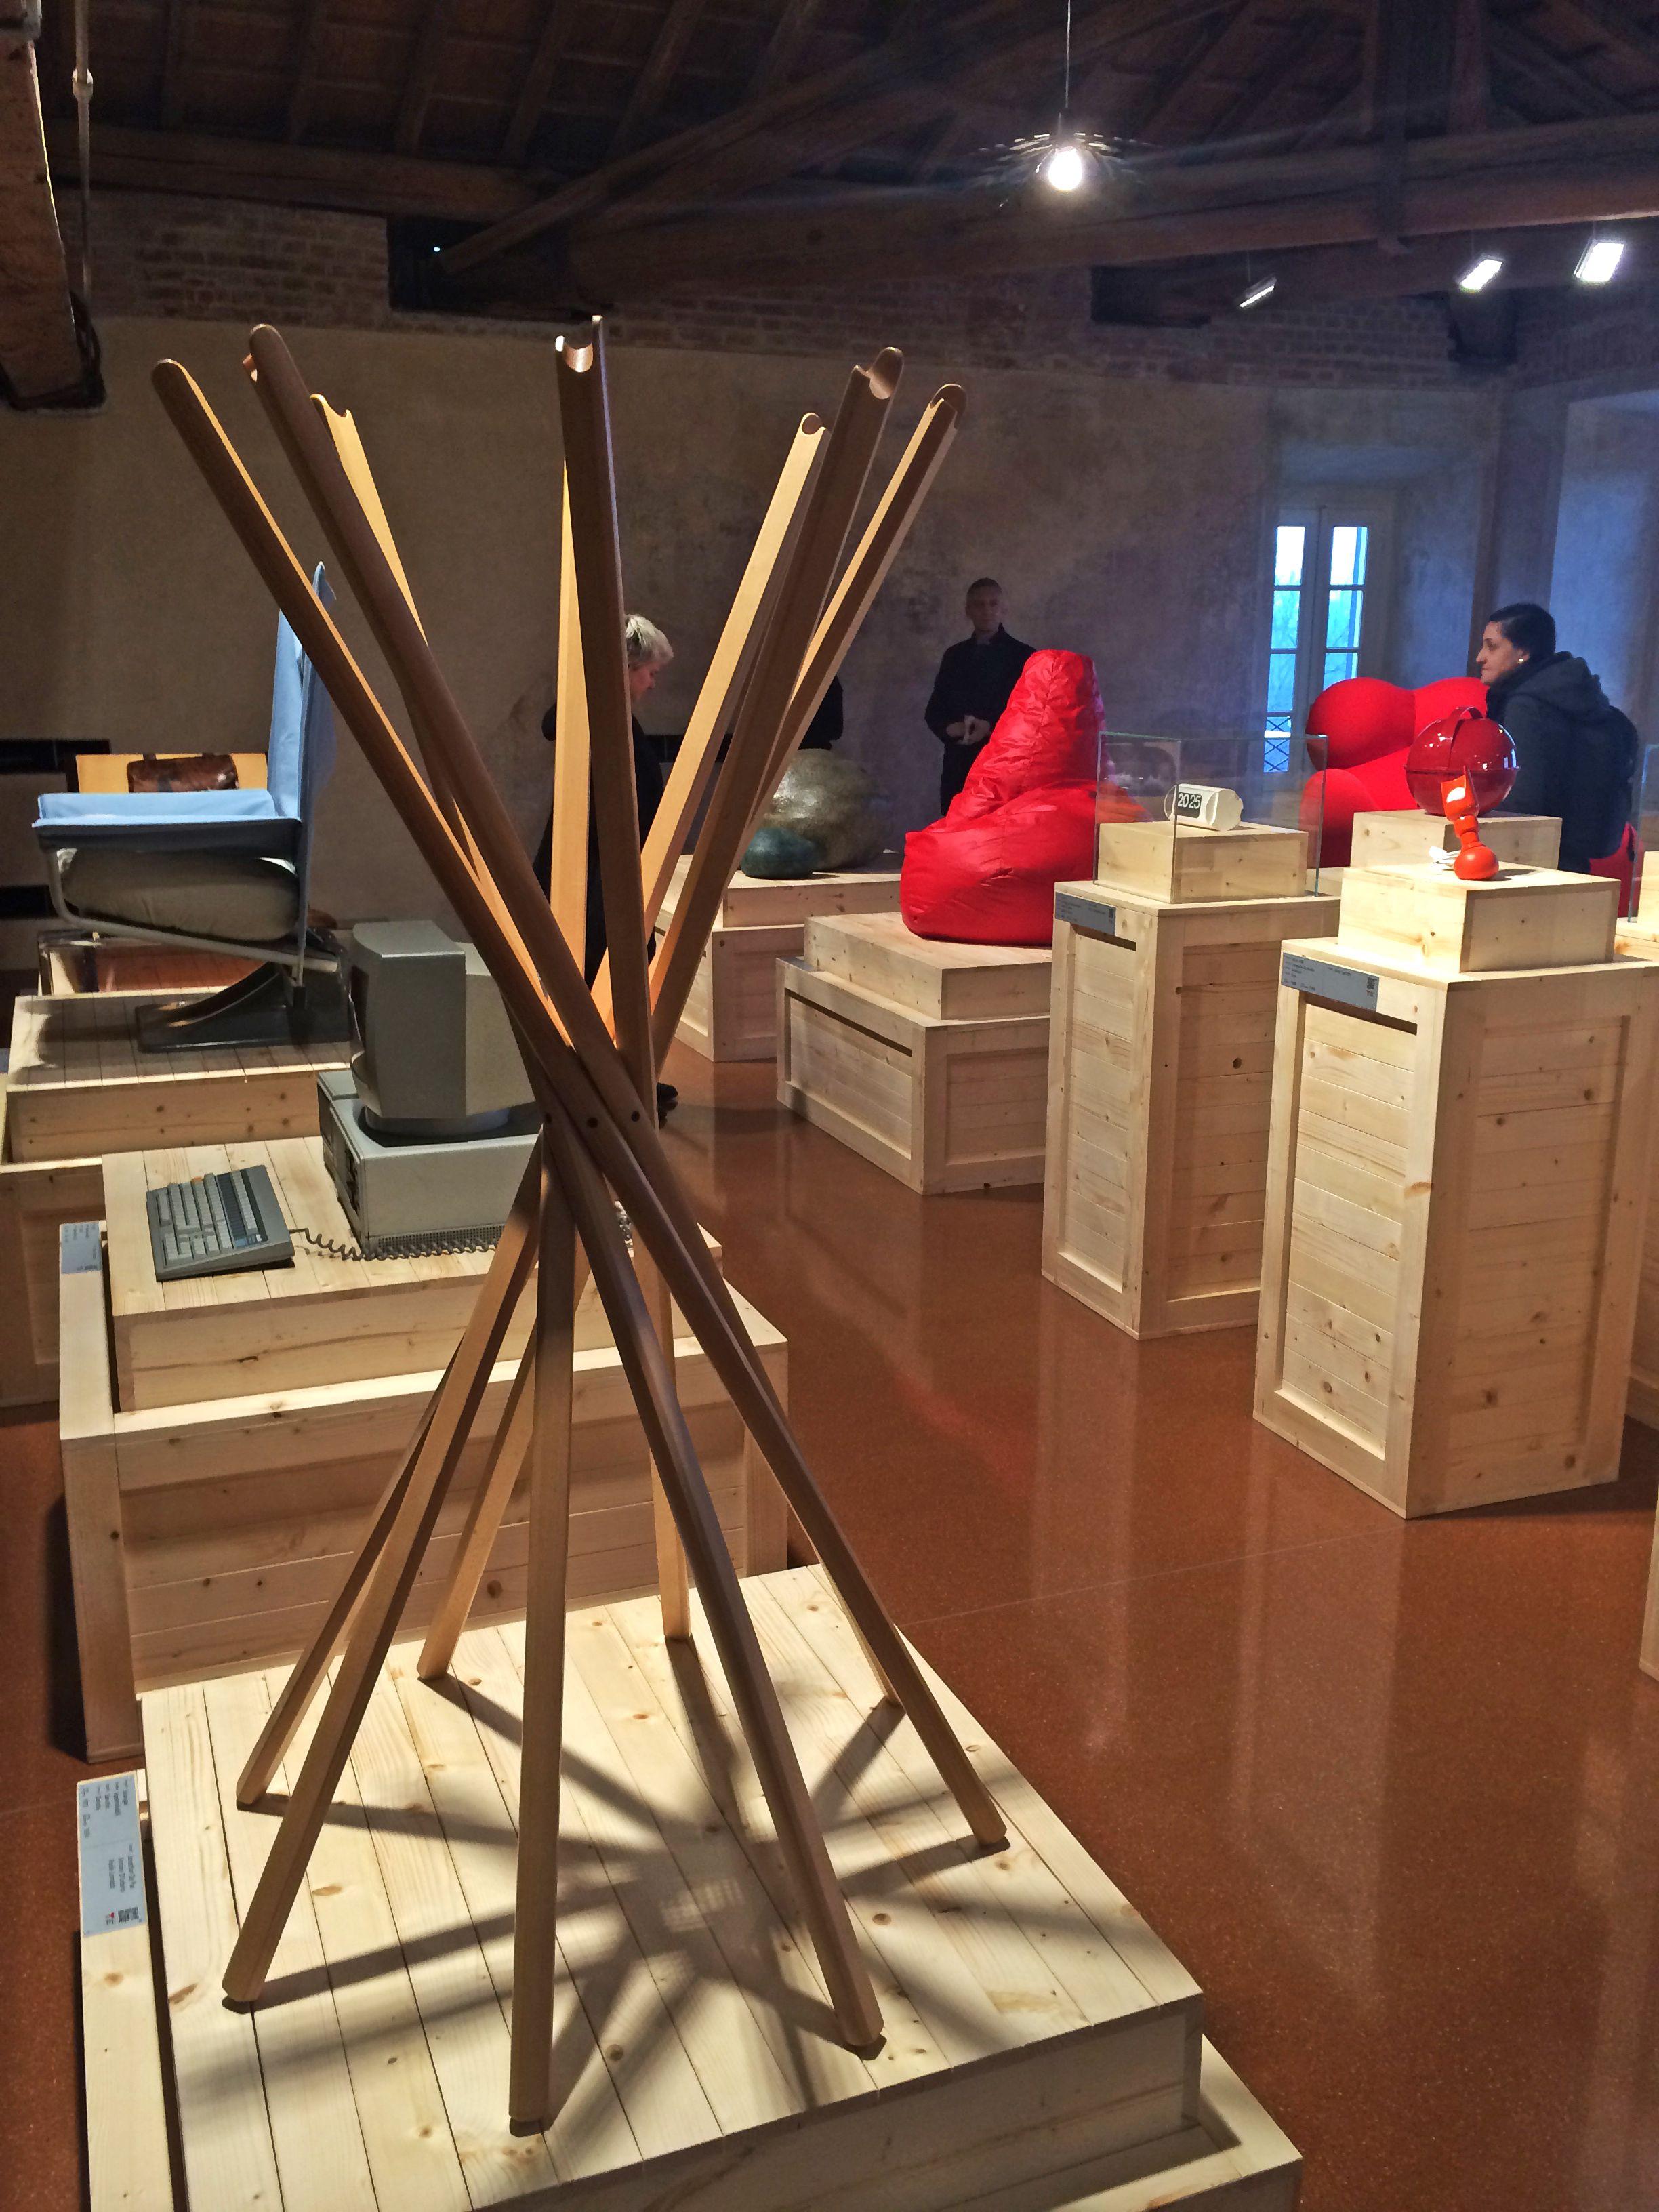 Foto mostra La bellezza Quotidiana Villa Reale Monza singer sedia zanotta Zanotta • La bellezza quotidiana TRIENNALE DESIGN MUSEUM